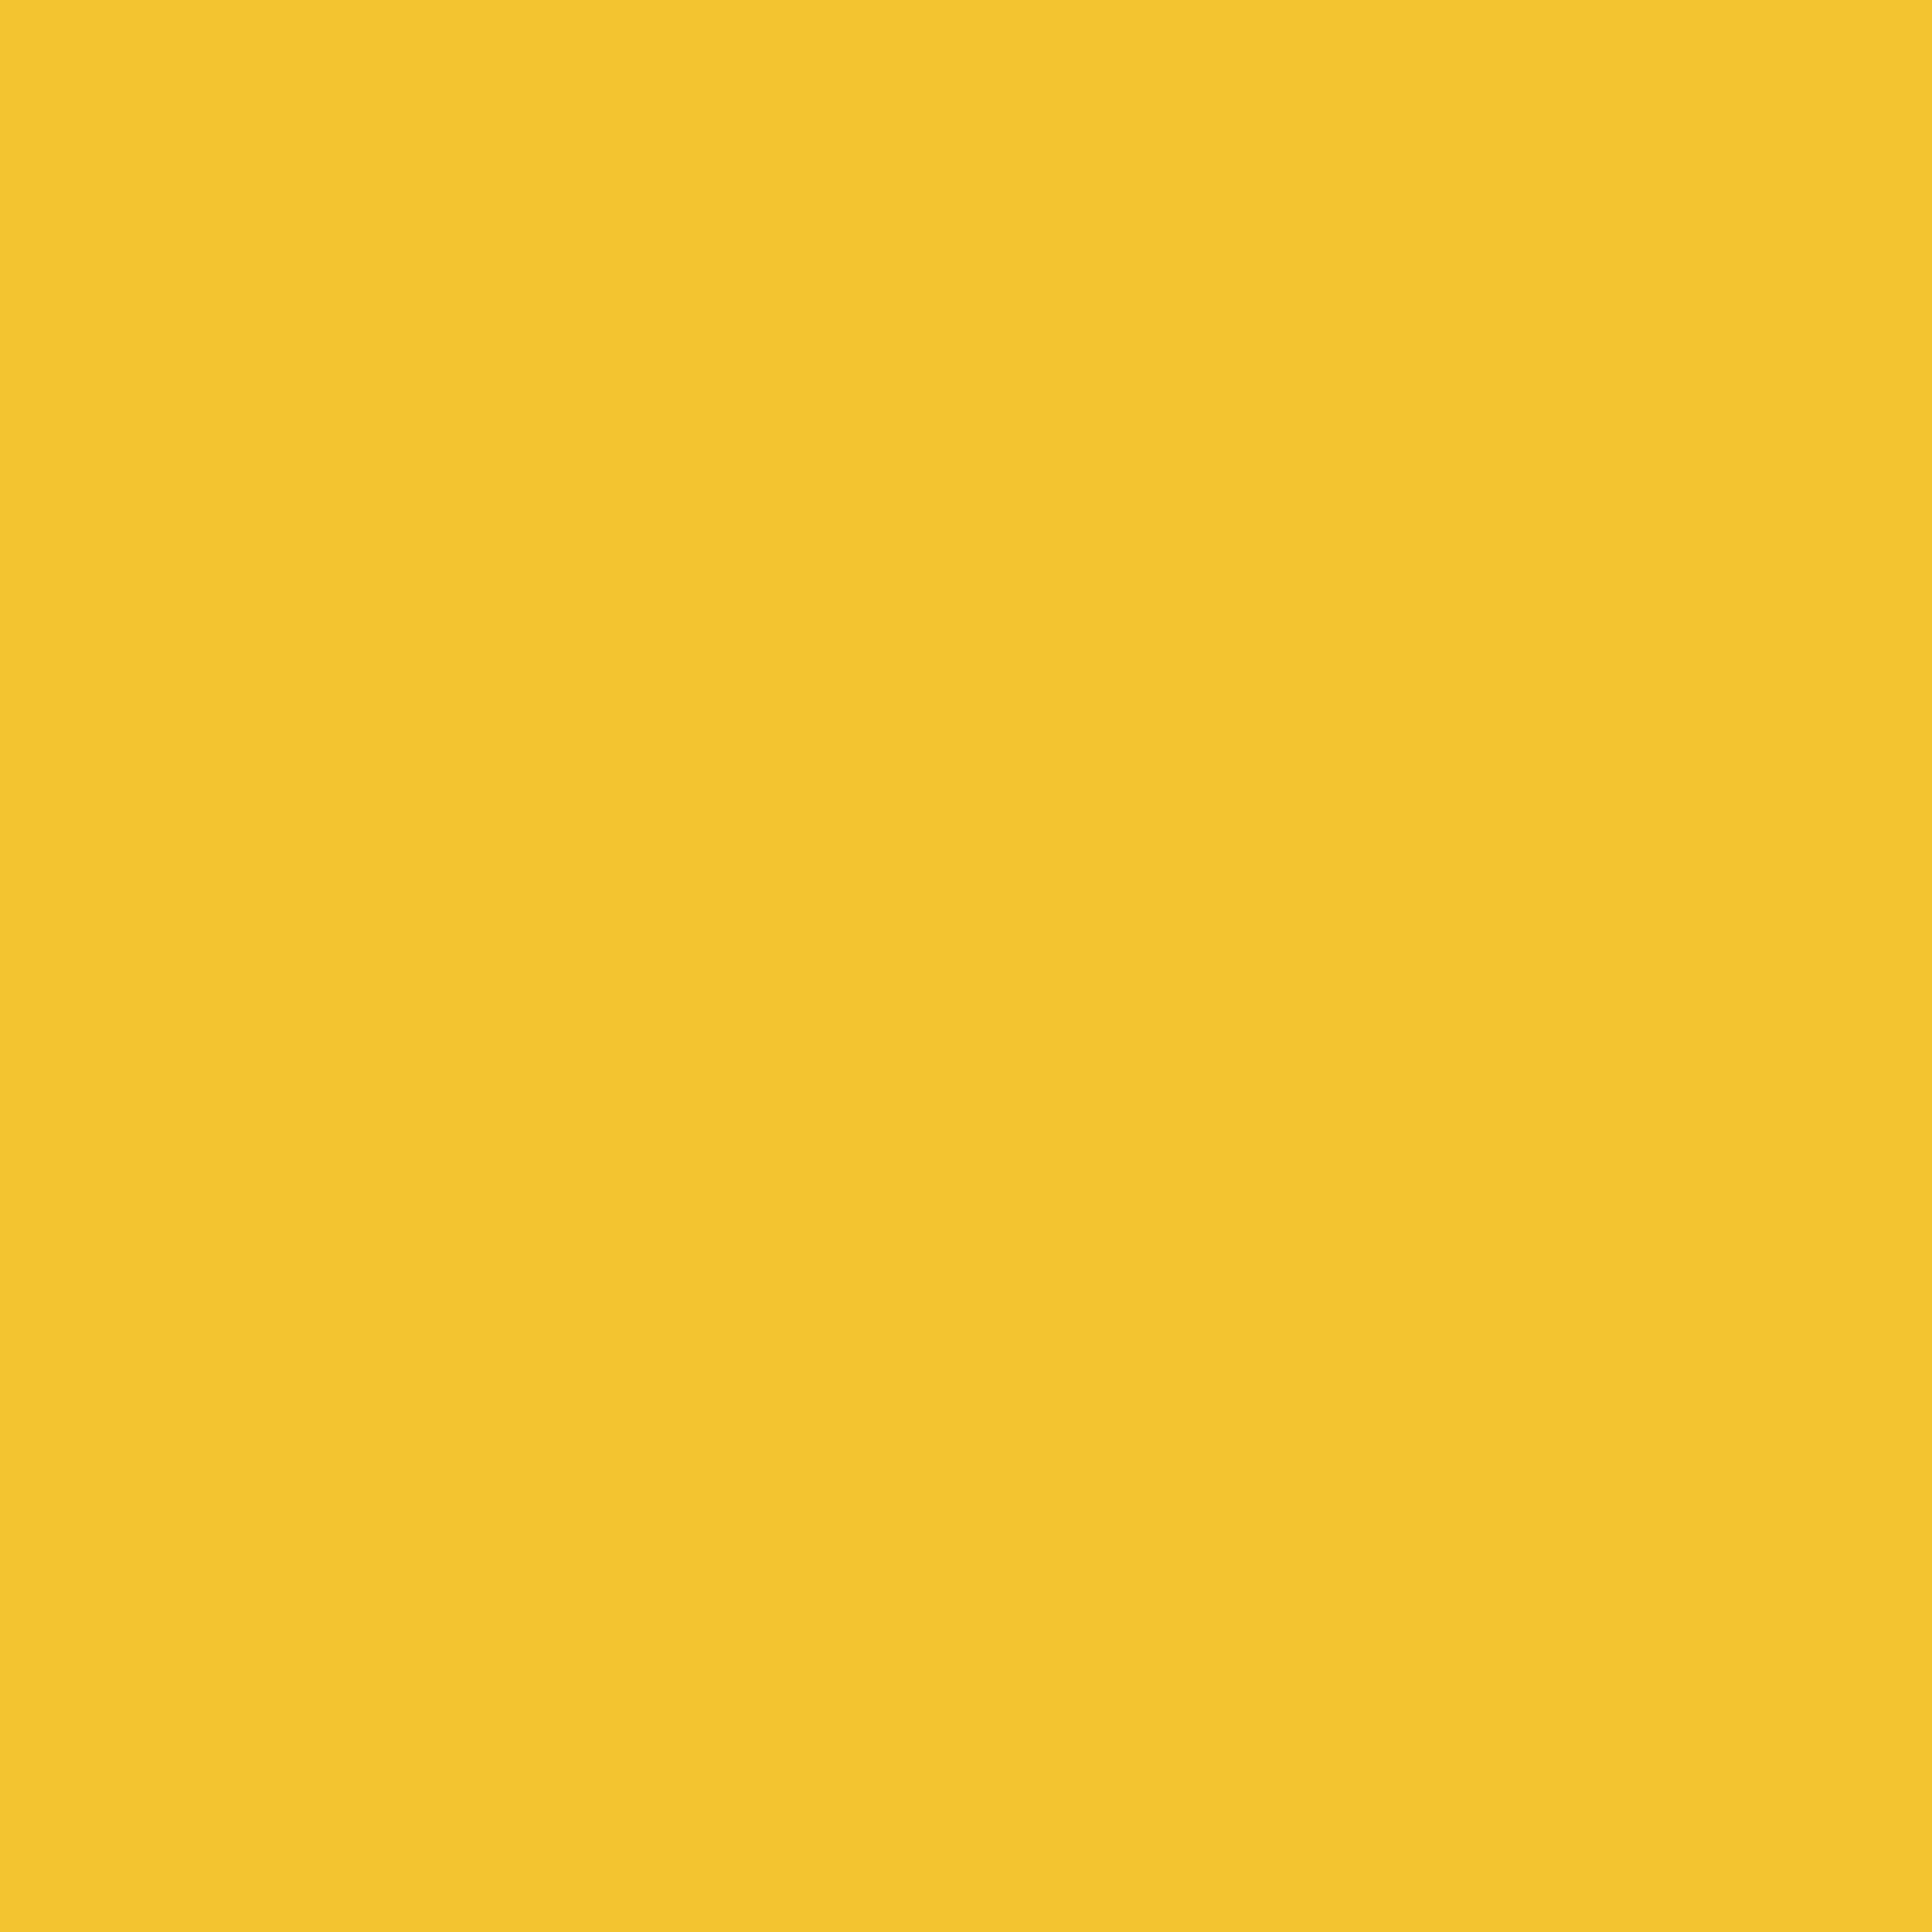 3600x3600 Saffron Solid Color Background